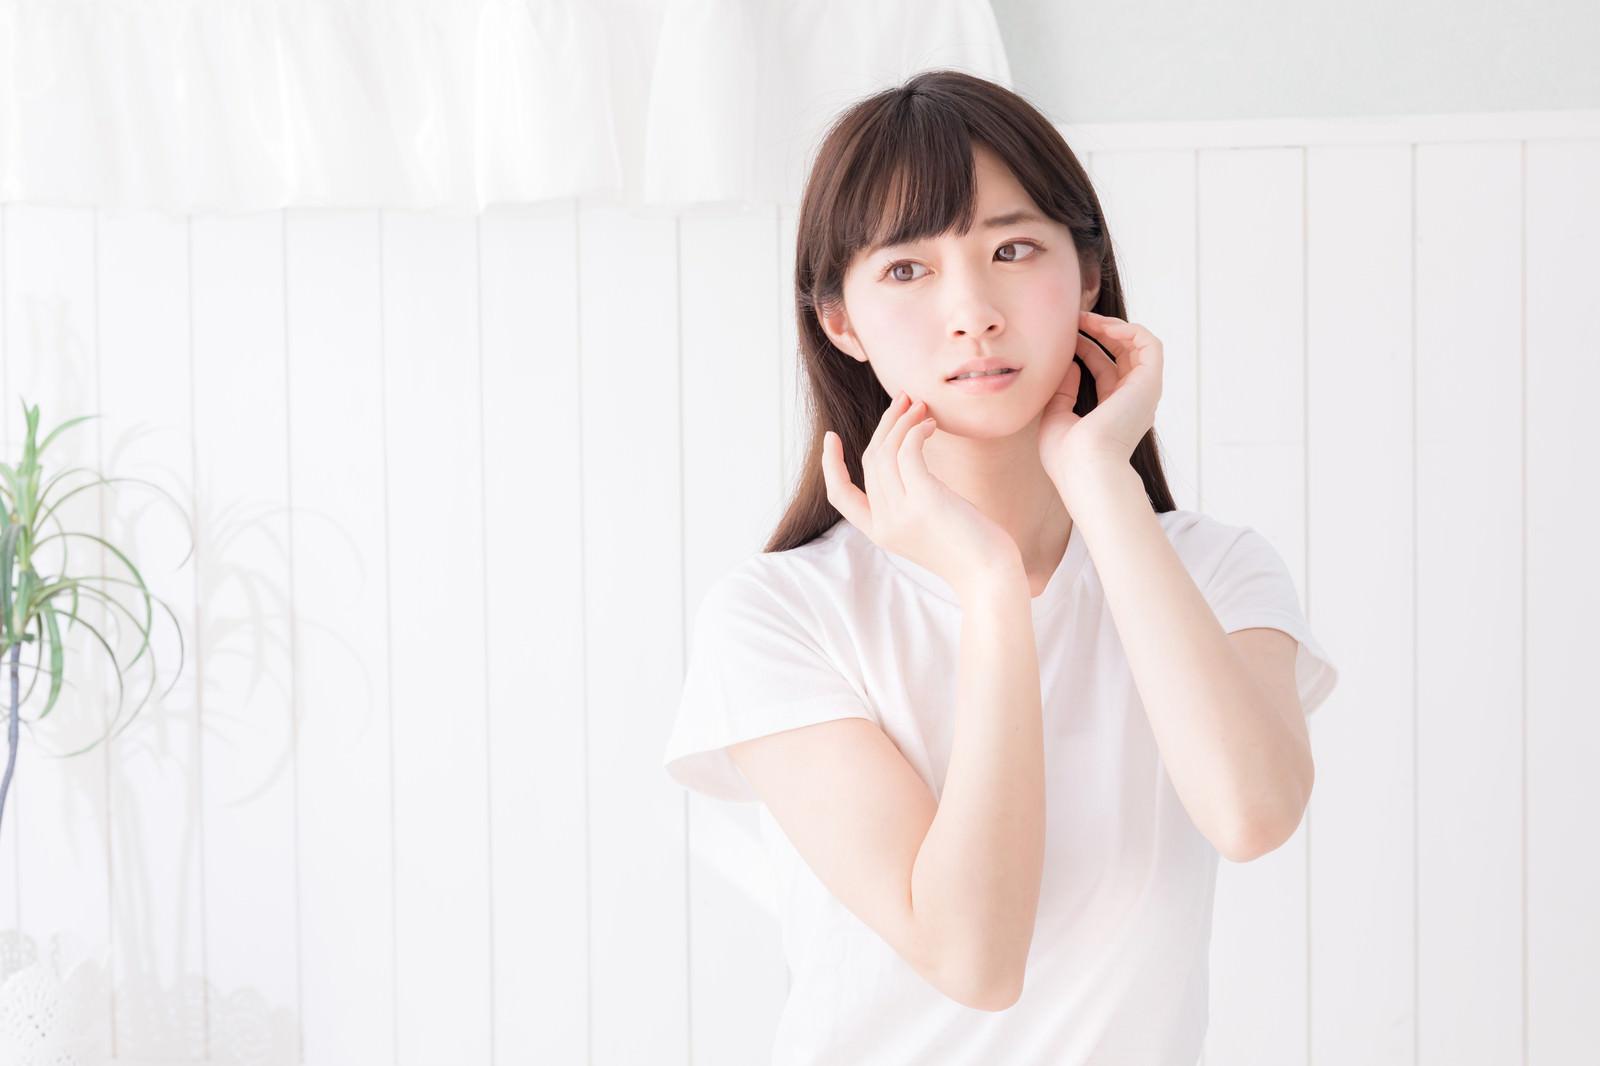 「透明感ある化粧品やエステ系の広告の女性」の写真[モデル:川子芹菜]